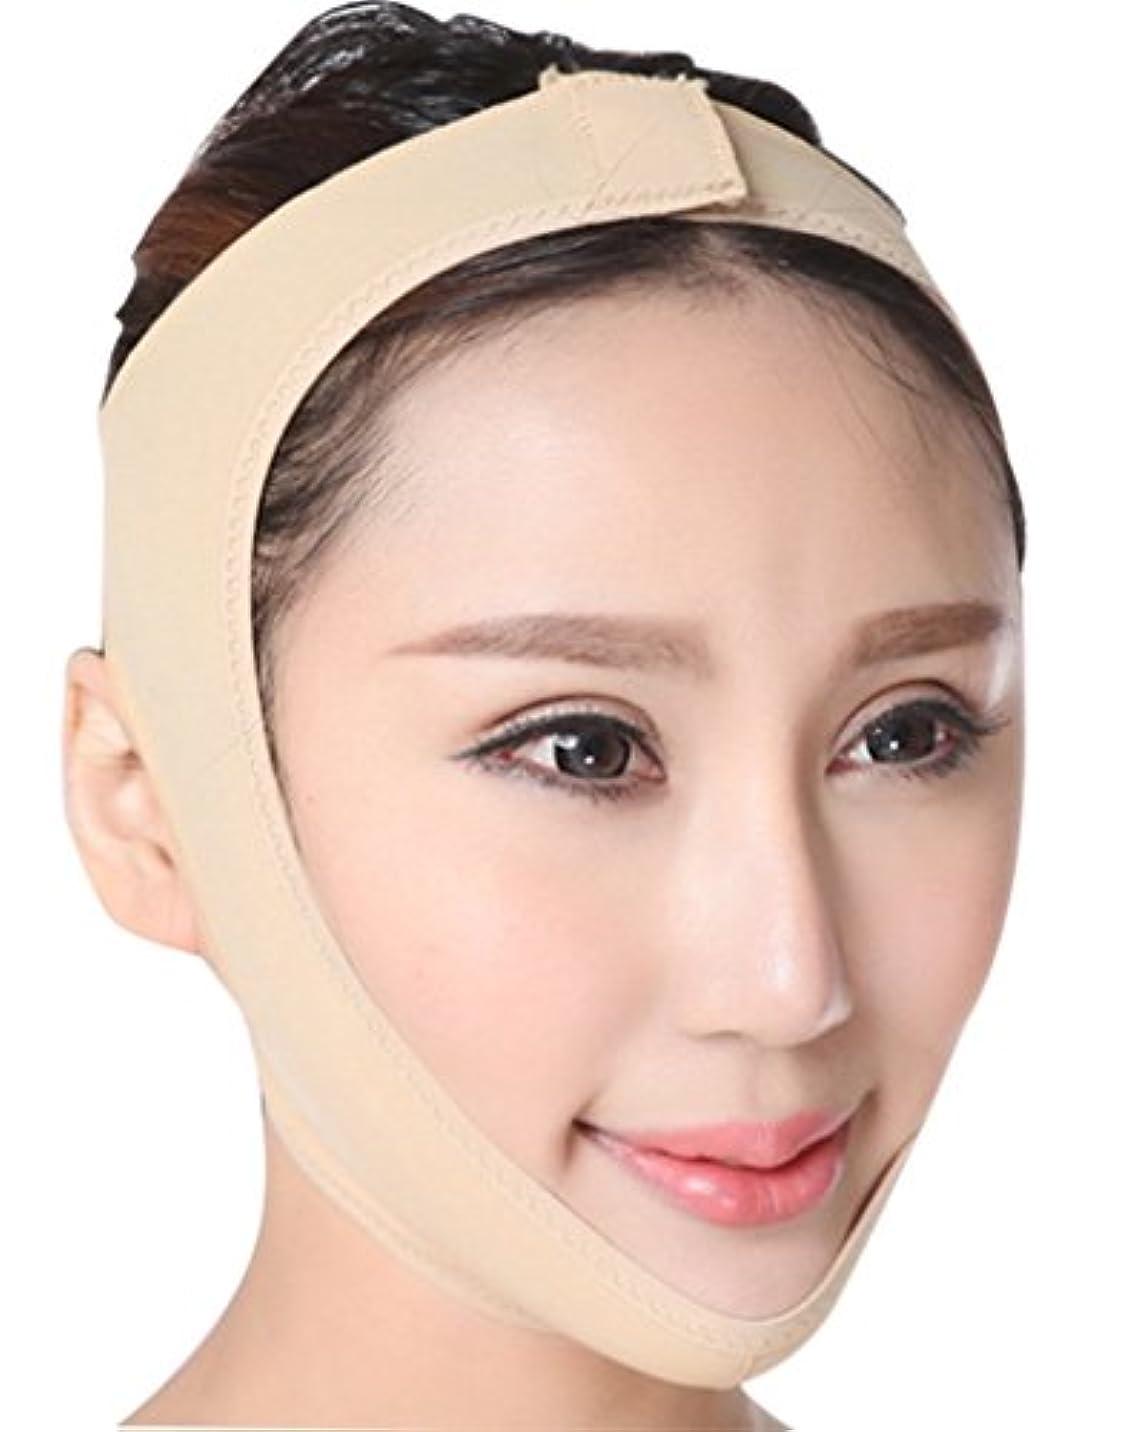 突進自動車君主制フェイスラインベルト M/L/XLサイズ 抗シワ 額、顎下、頬リフトアップ 小顔 美顔 頬のたるみ 引き上げマスク XL